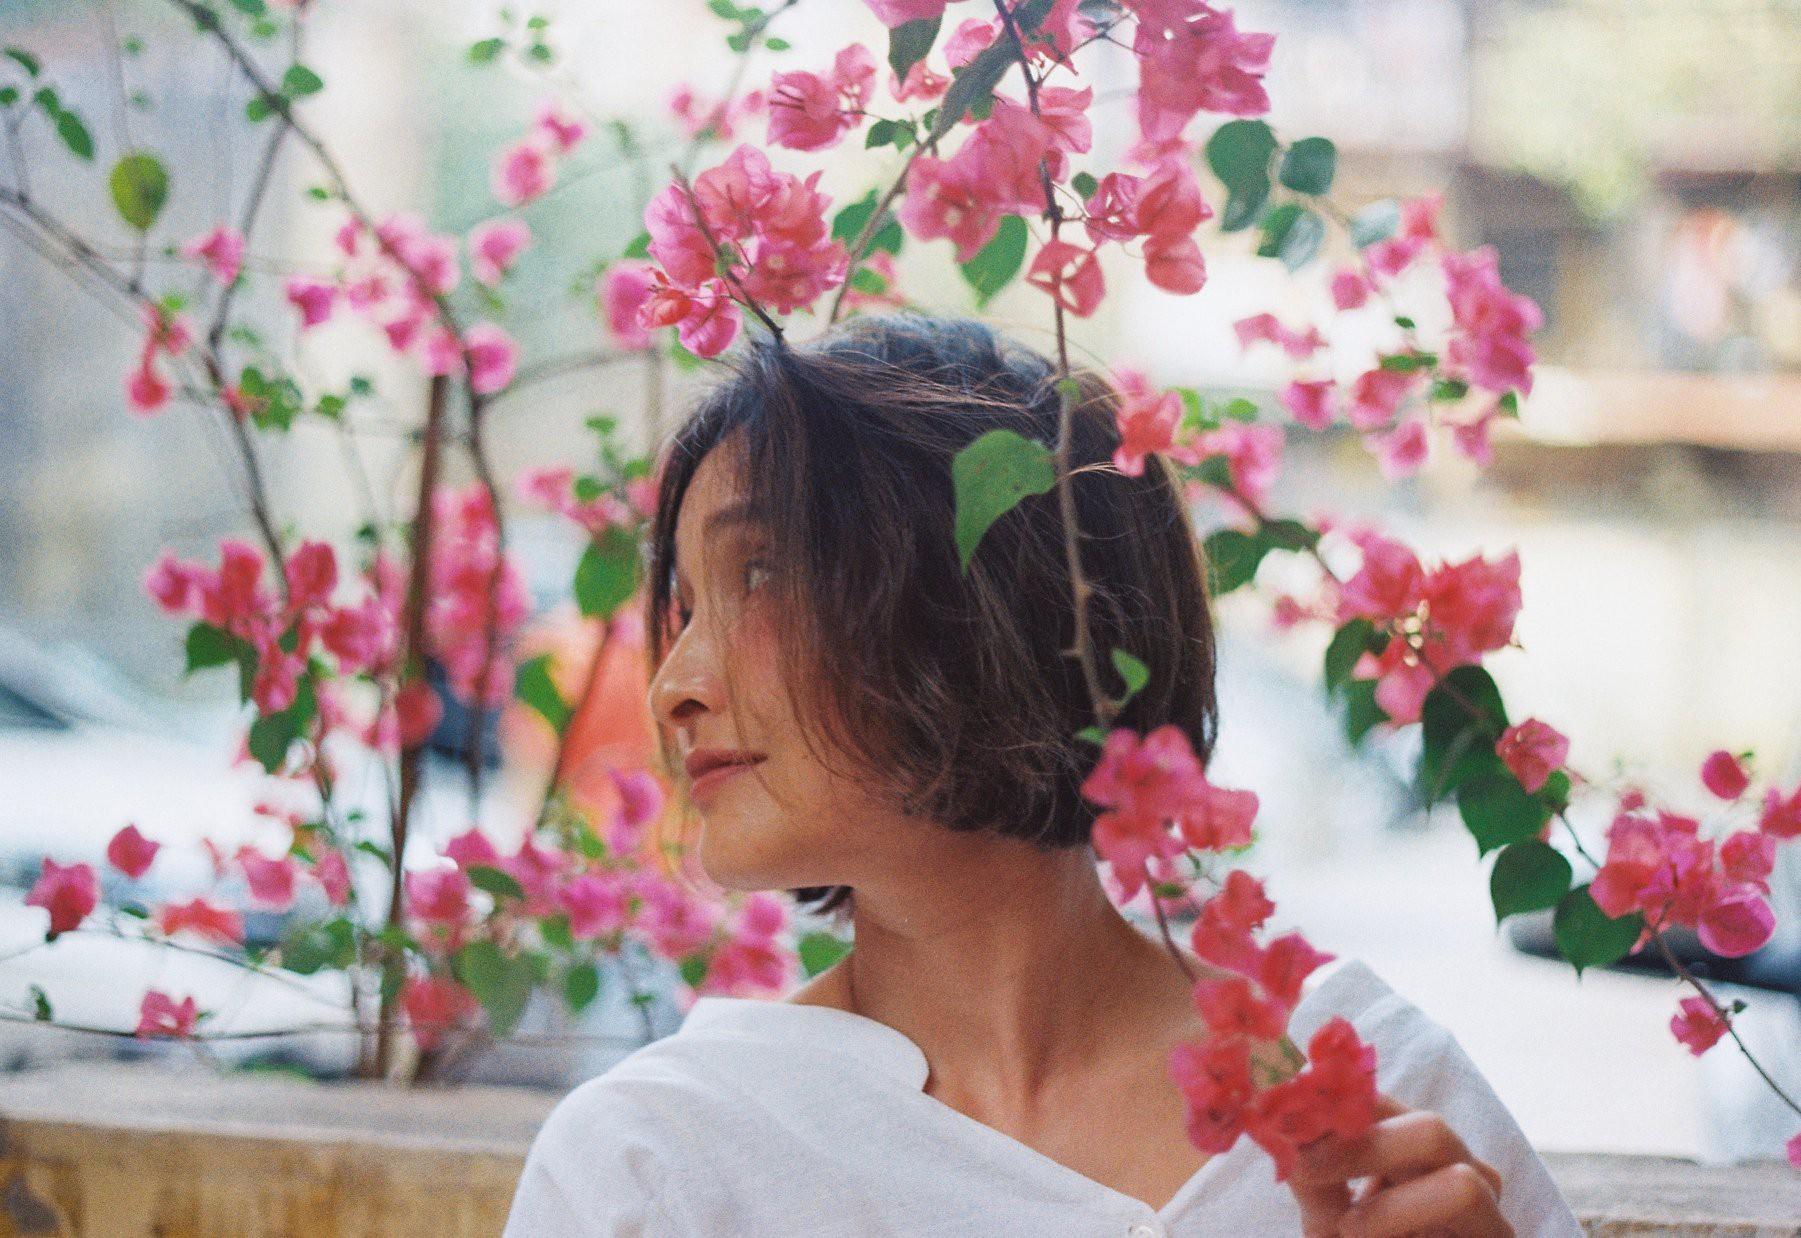 18 tuổi mới đi cafe với mẹ lần đầu tiên, con gái cho ra bộ ảnh film nàng thơ U50 so deep - Ảnh 6.